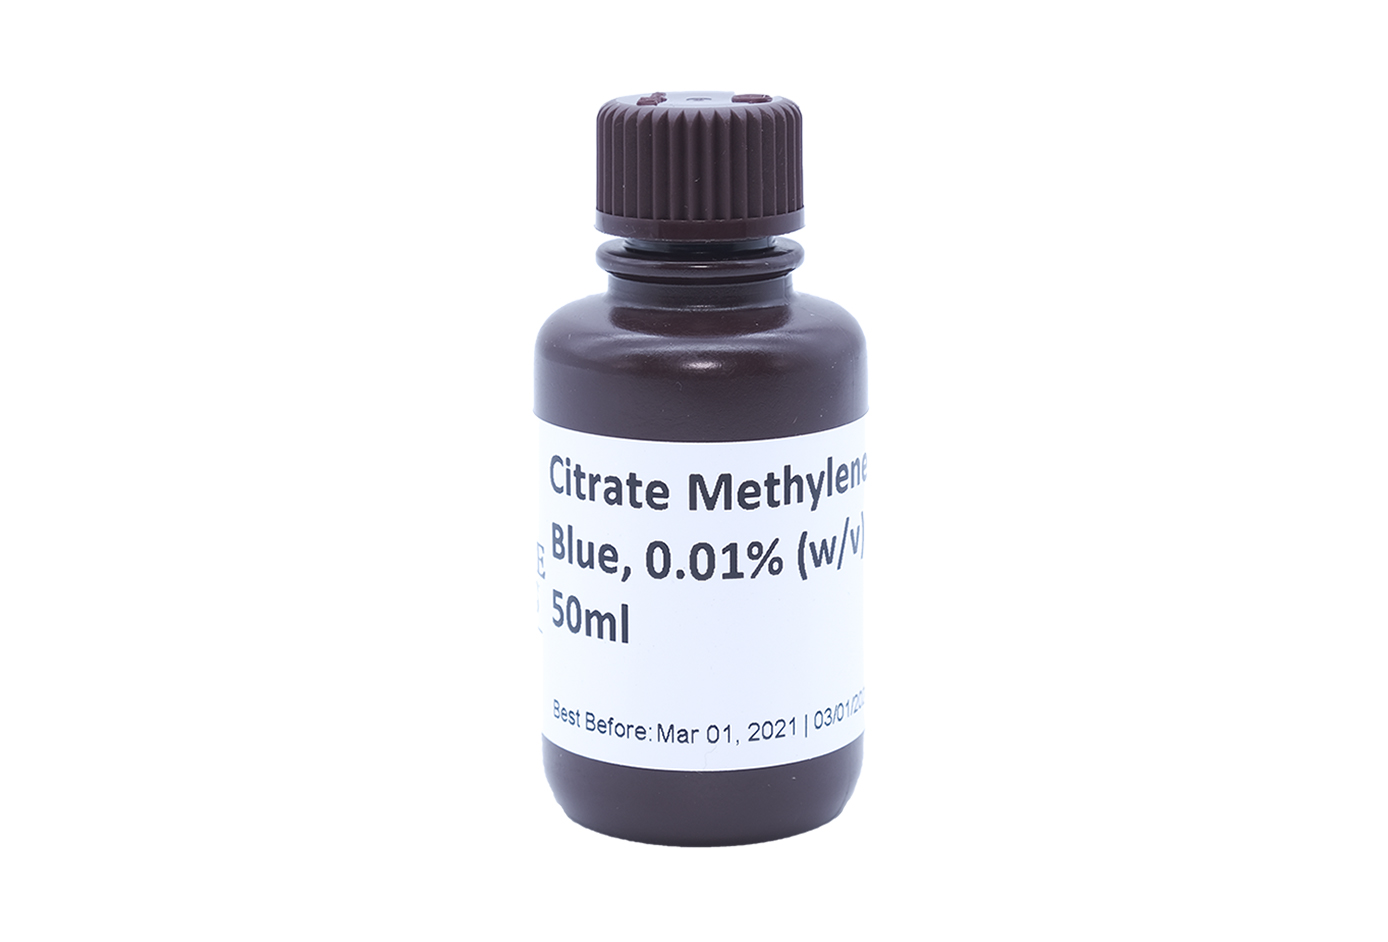 Citrate Methylene Blue, 0.01% (w/v) 50mL